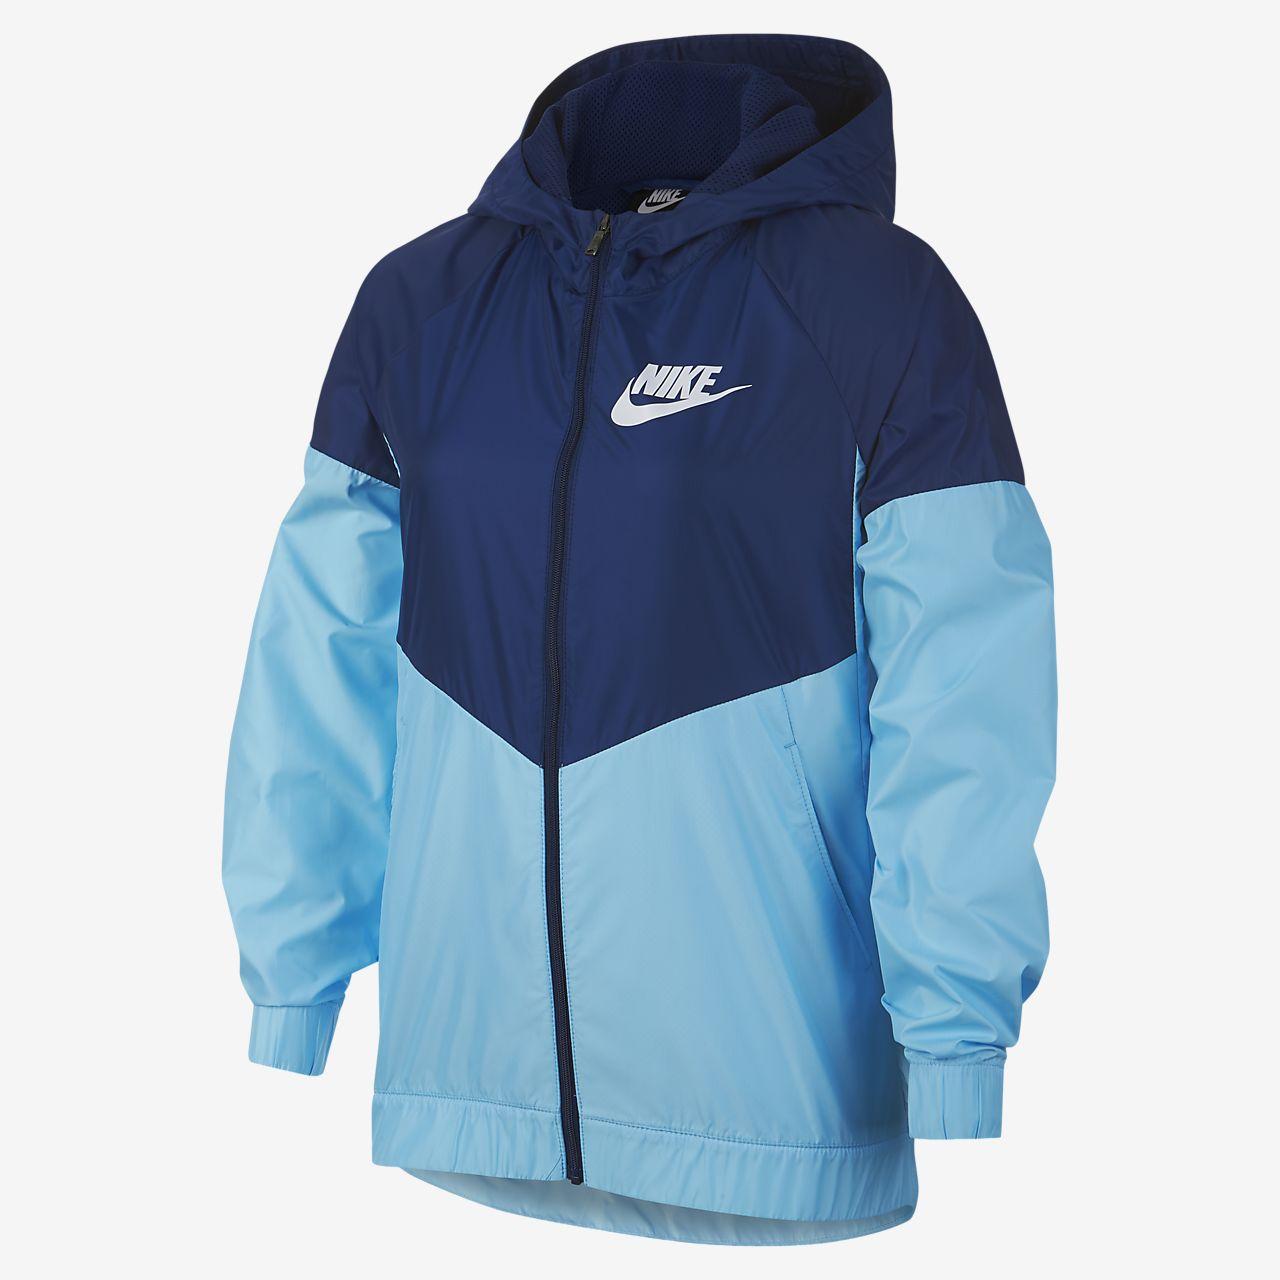 d42e1c2af5 Nike Sportswear Windrunner Older Kids  (Girls ) Jacket. Nike.com GB